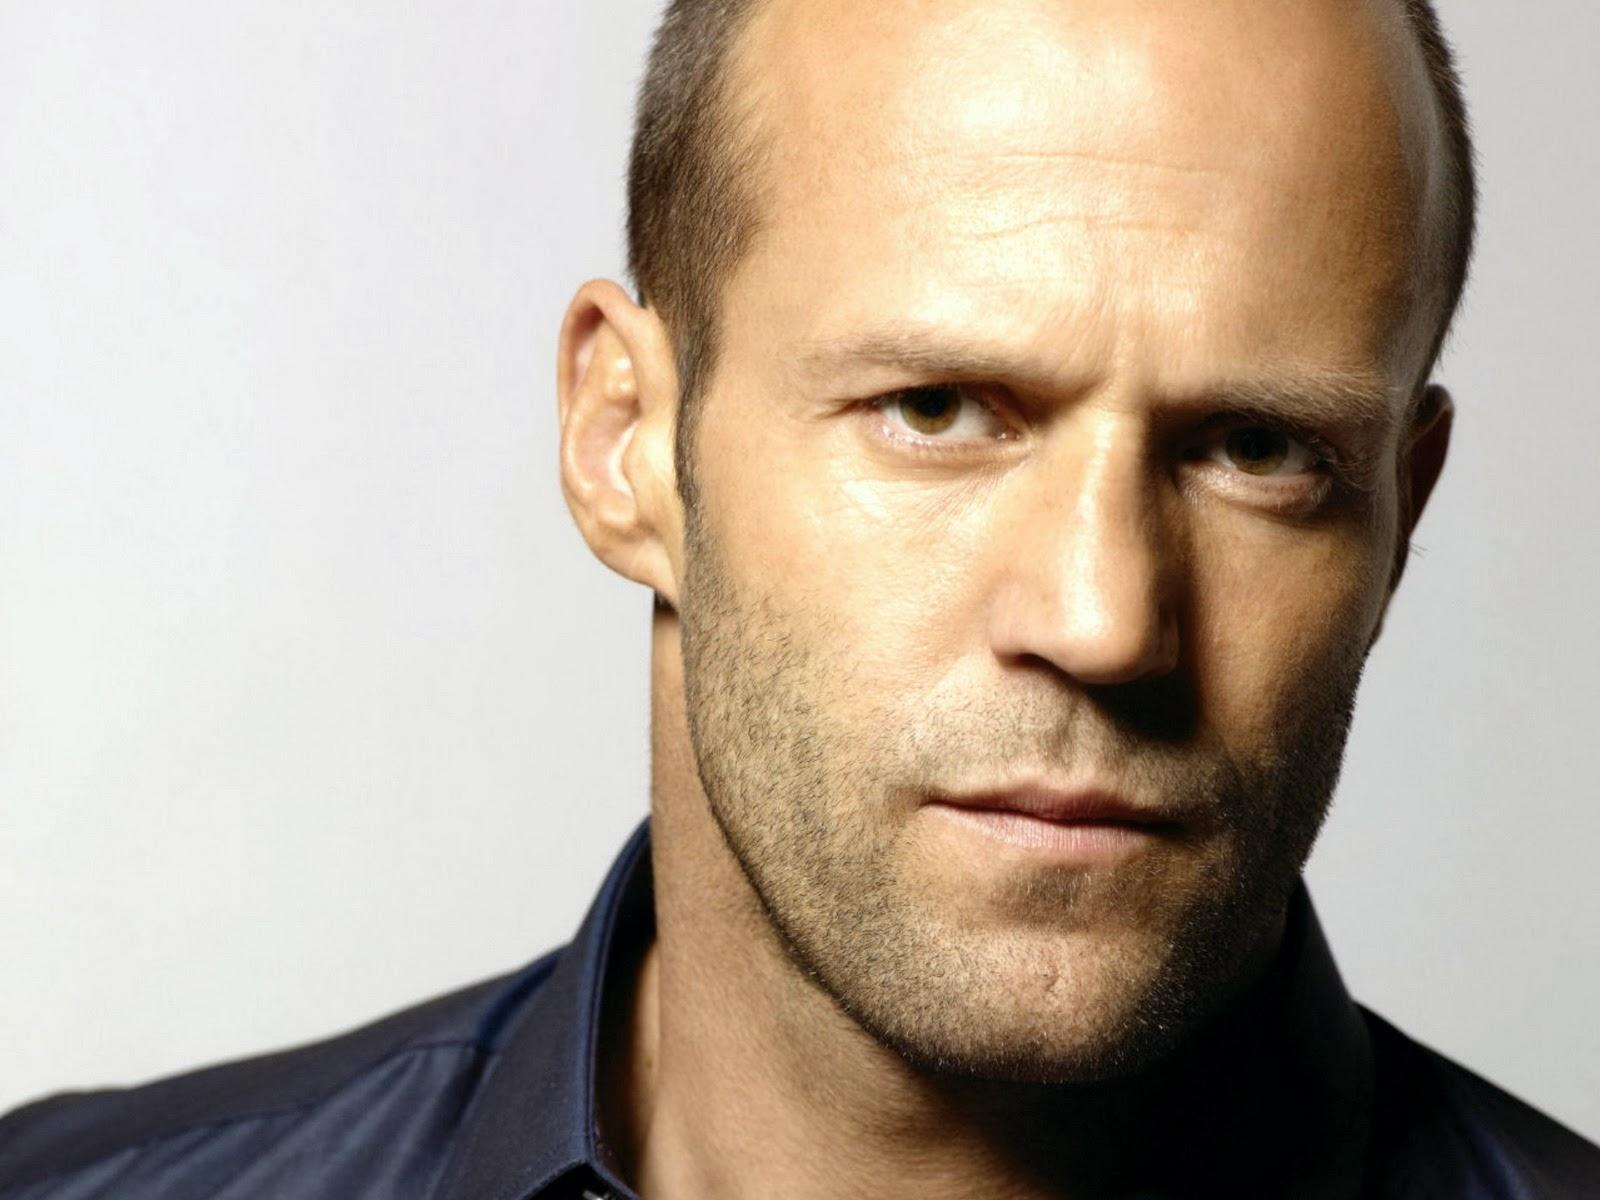 Biografi Jason Statham Aktor Hollywood